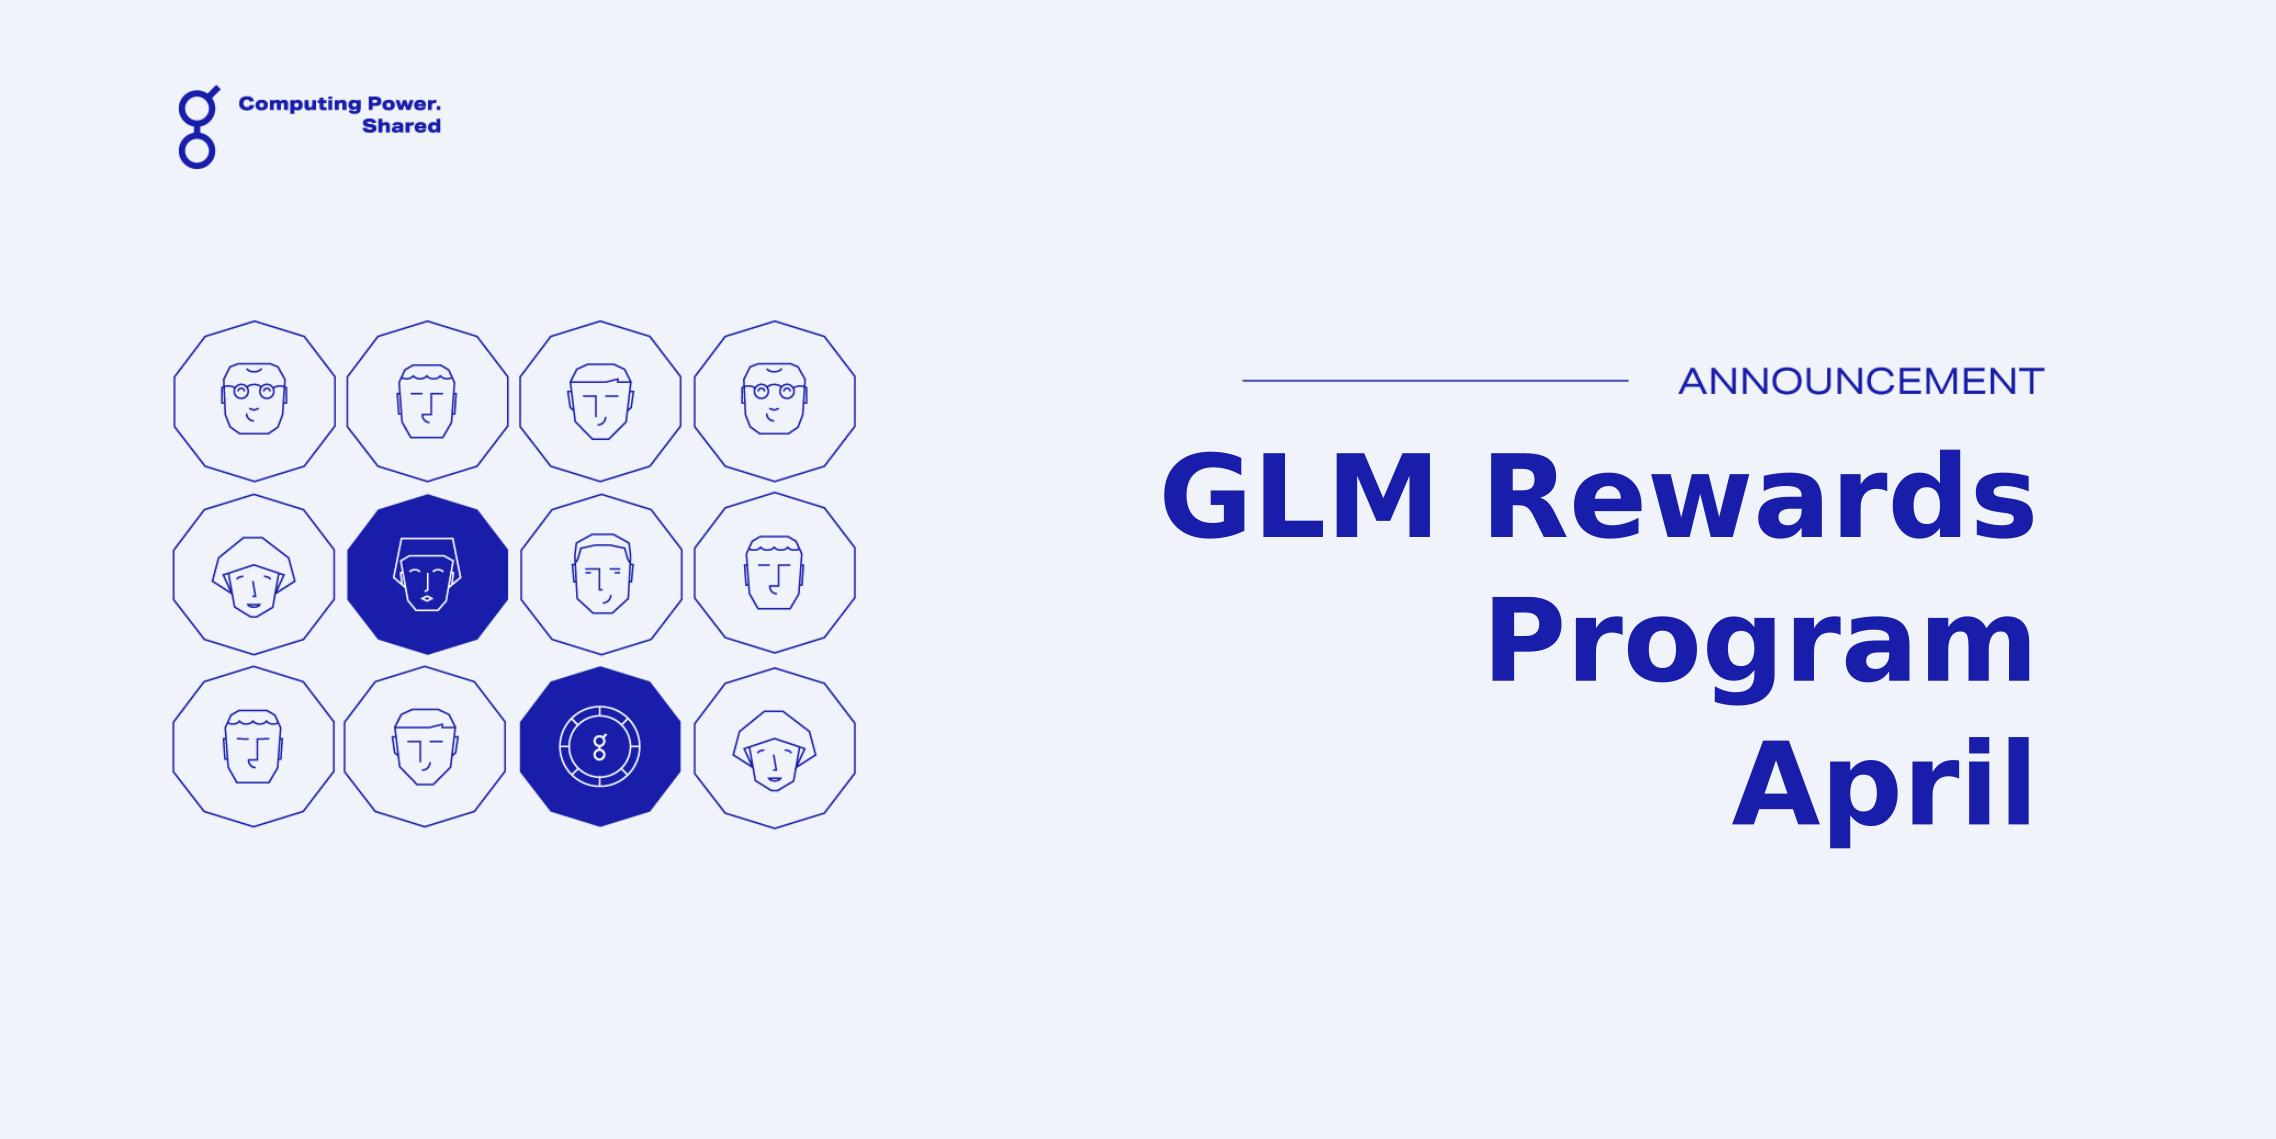 GLM Rewards Program April Update